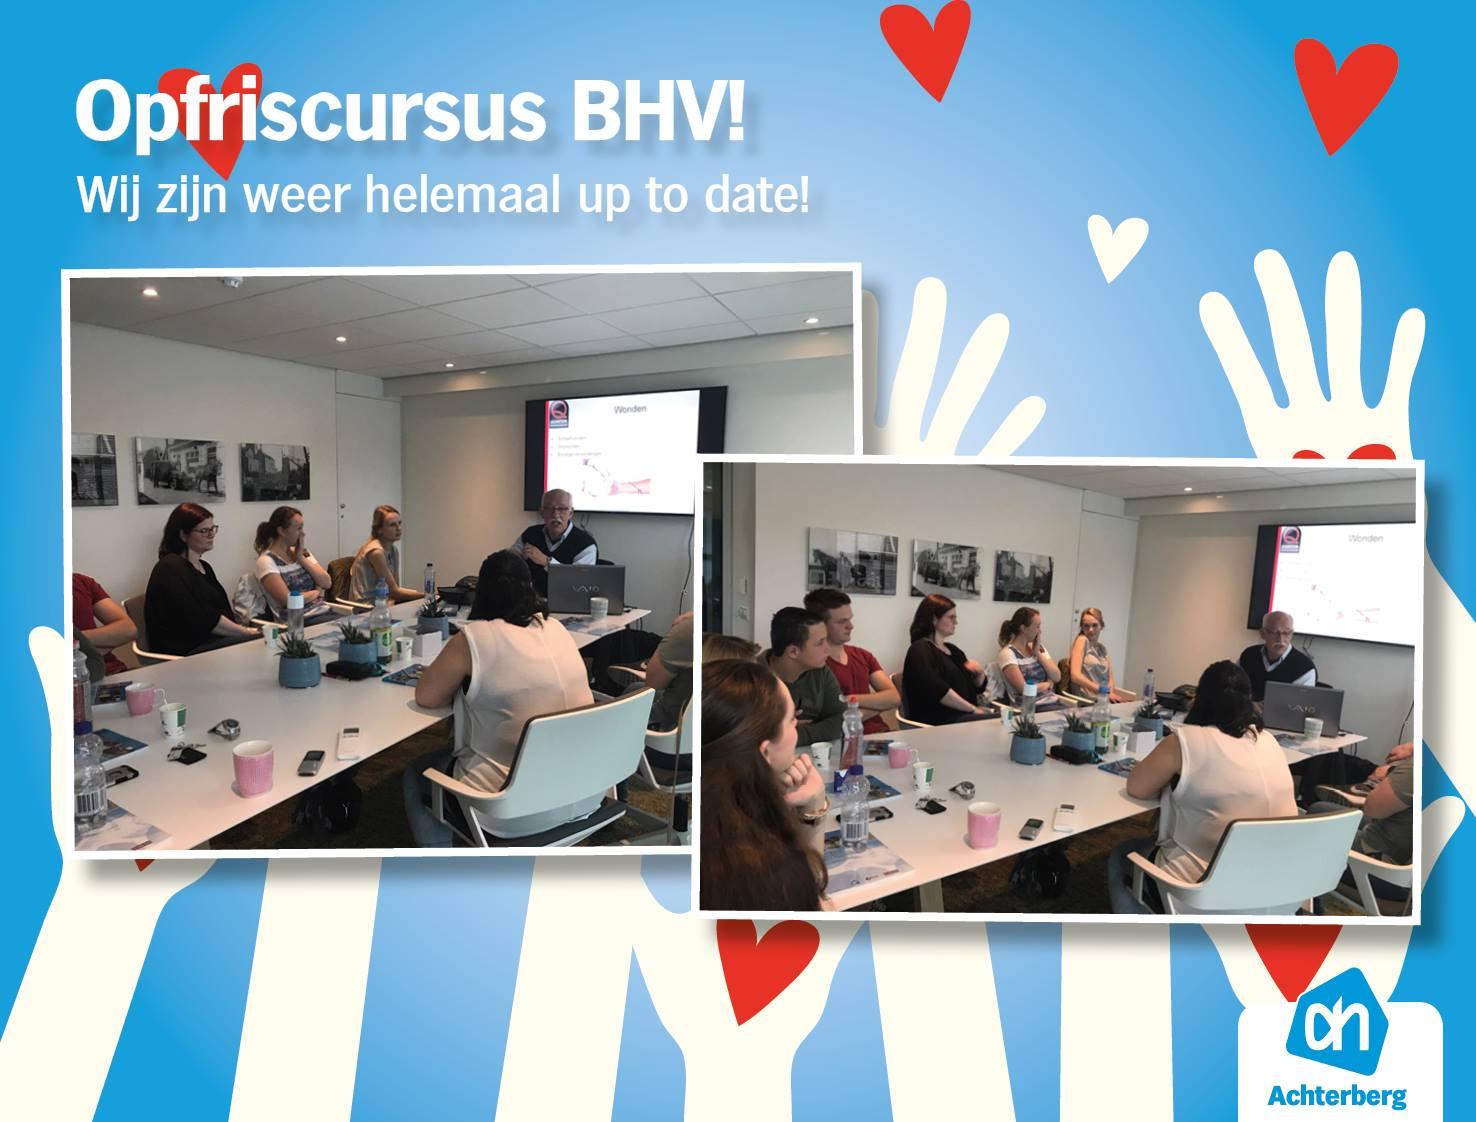 Opfriscursus BHV!